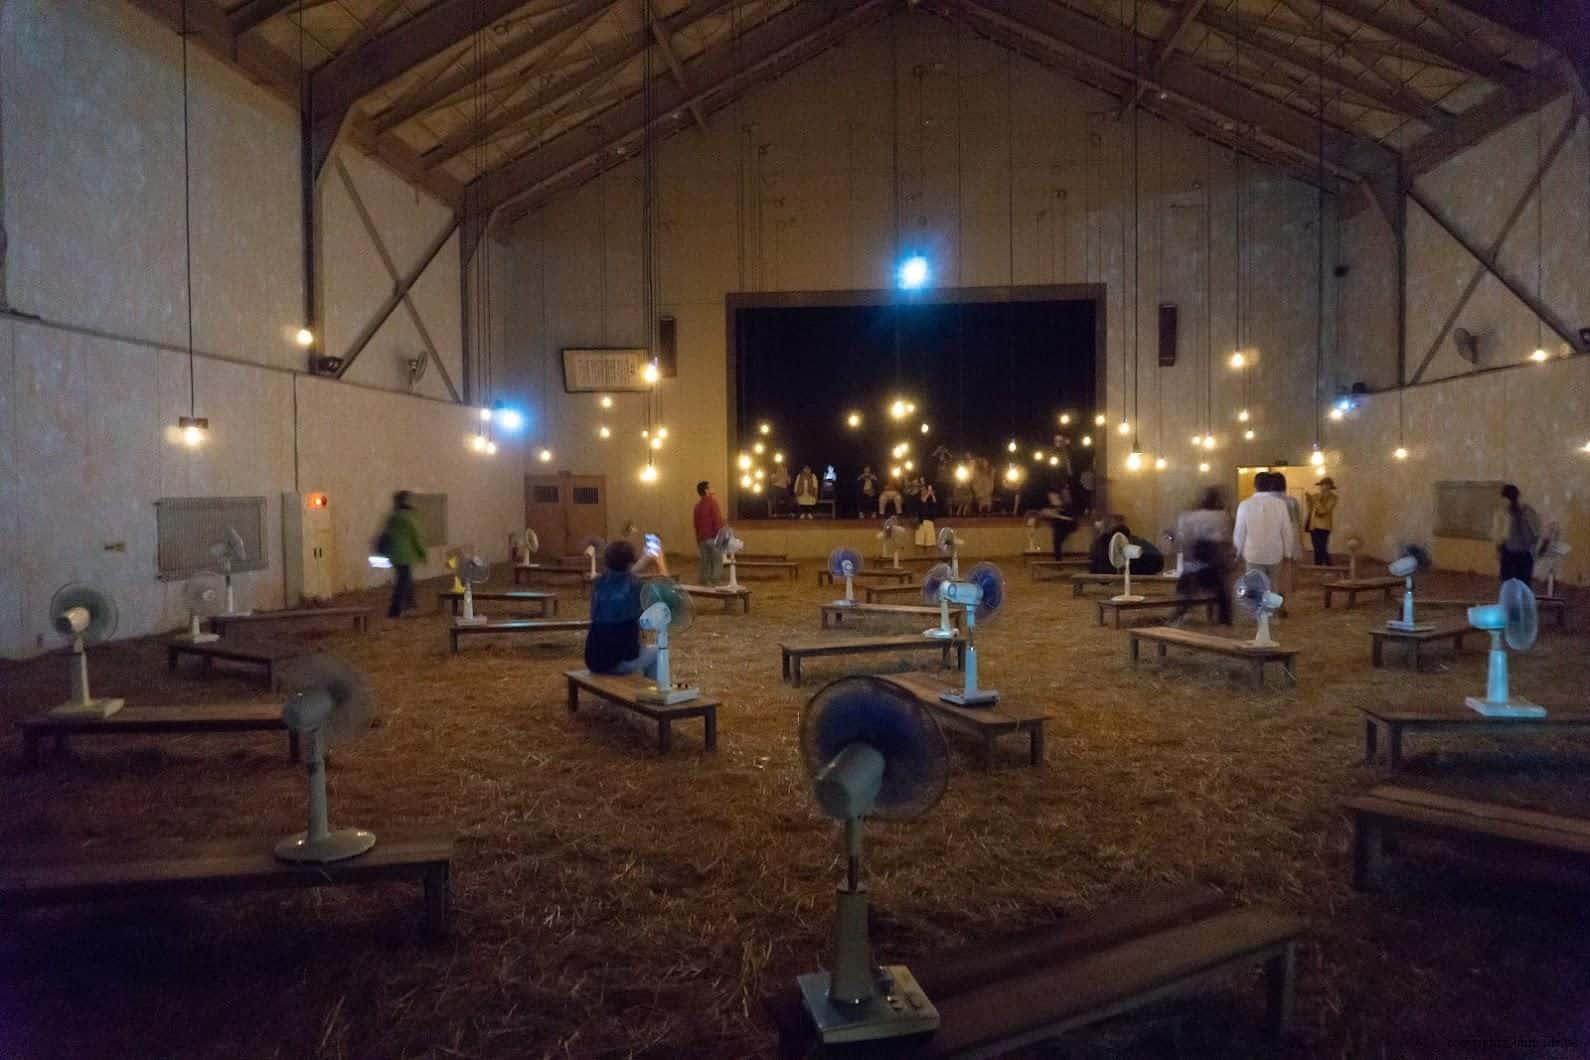 克利斯蒂安‧波爾坦斯基+將‧卡爾曼,最後的教室,幾乎全黑的體育館,稻草、微燈泡、風扇與投影星光 最後的教室 最後的教室 the last class 01 0x0